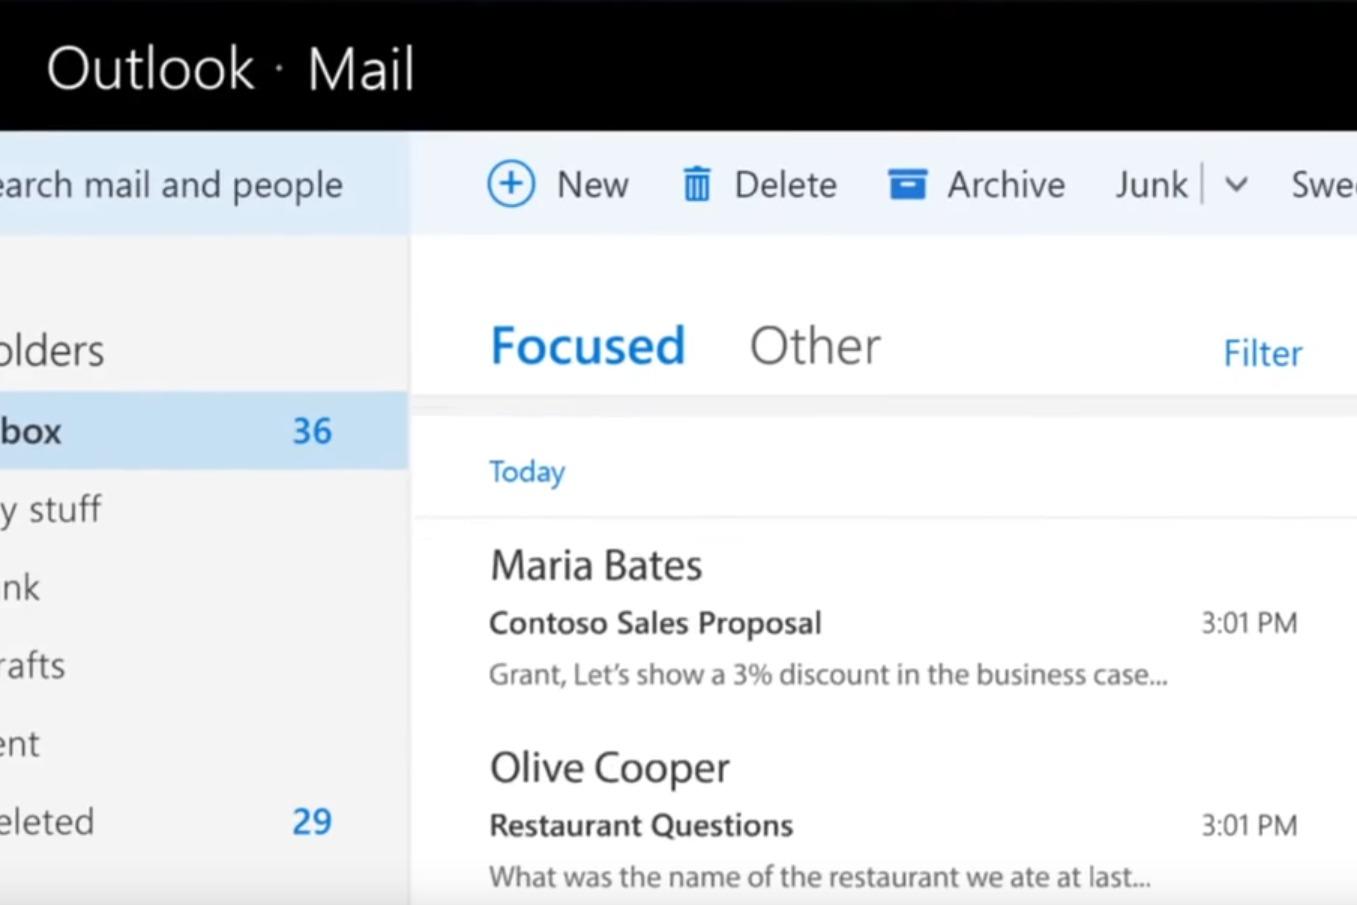 Outlook Email – Focused Inbox - Tabs